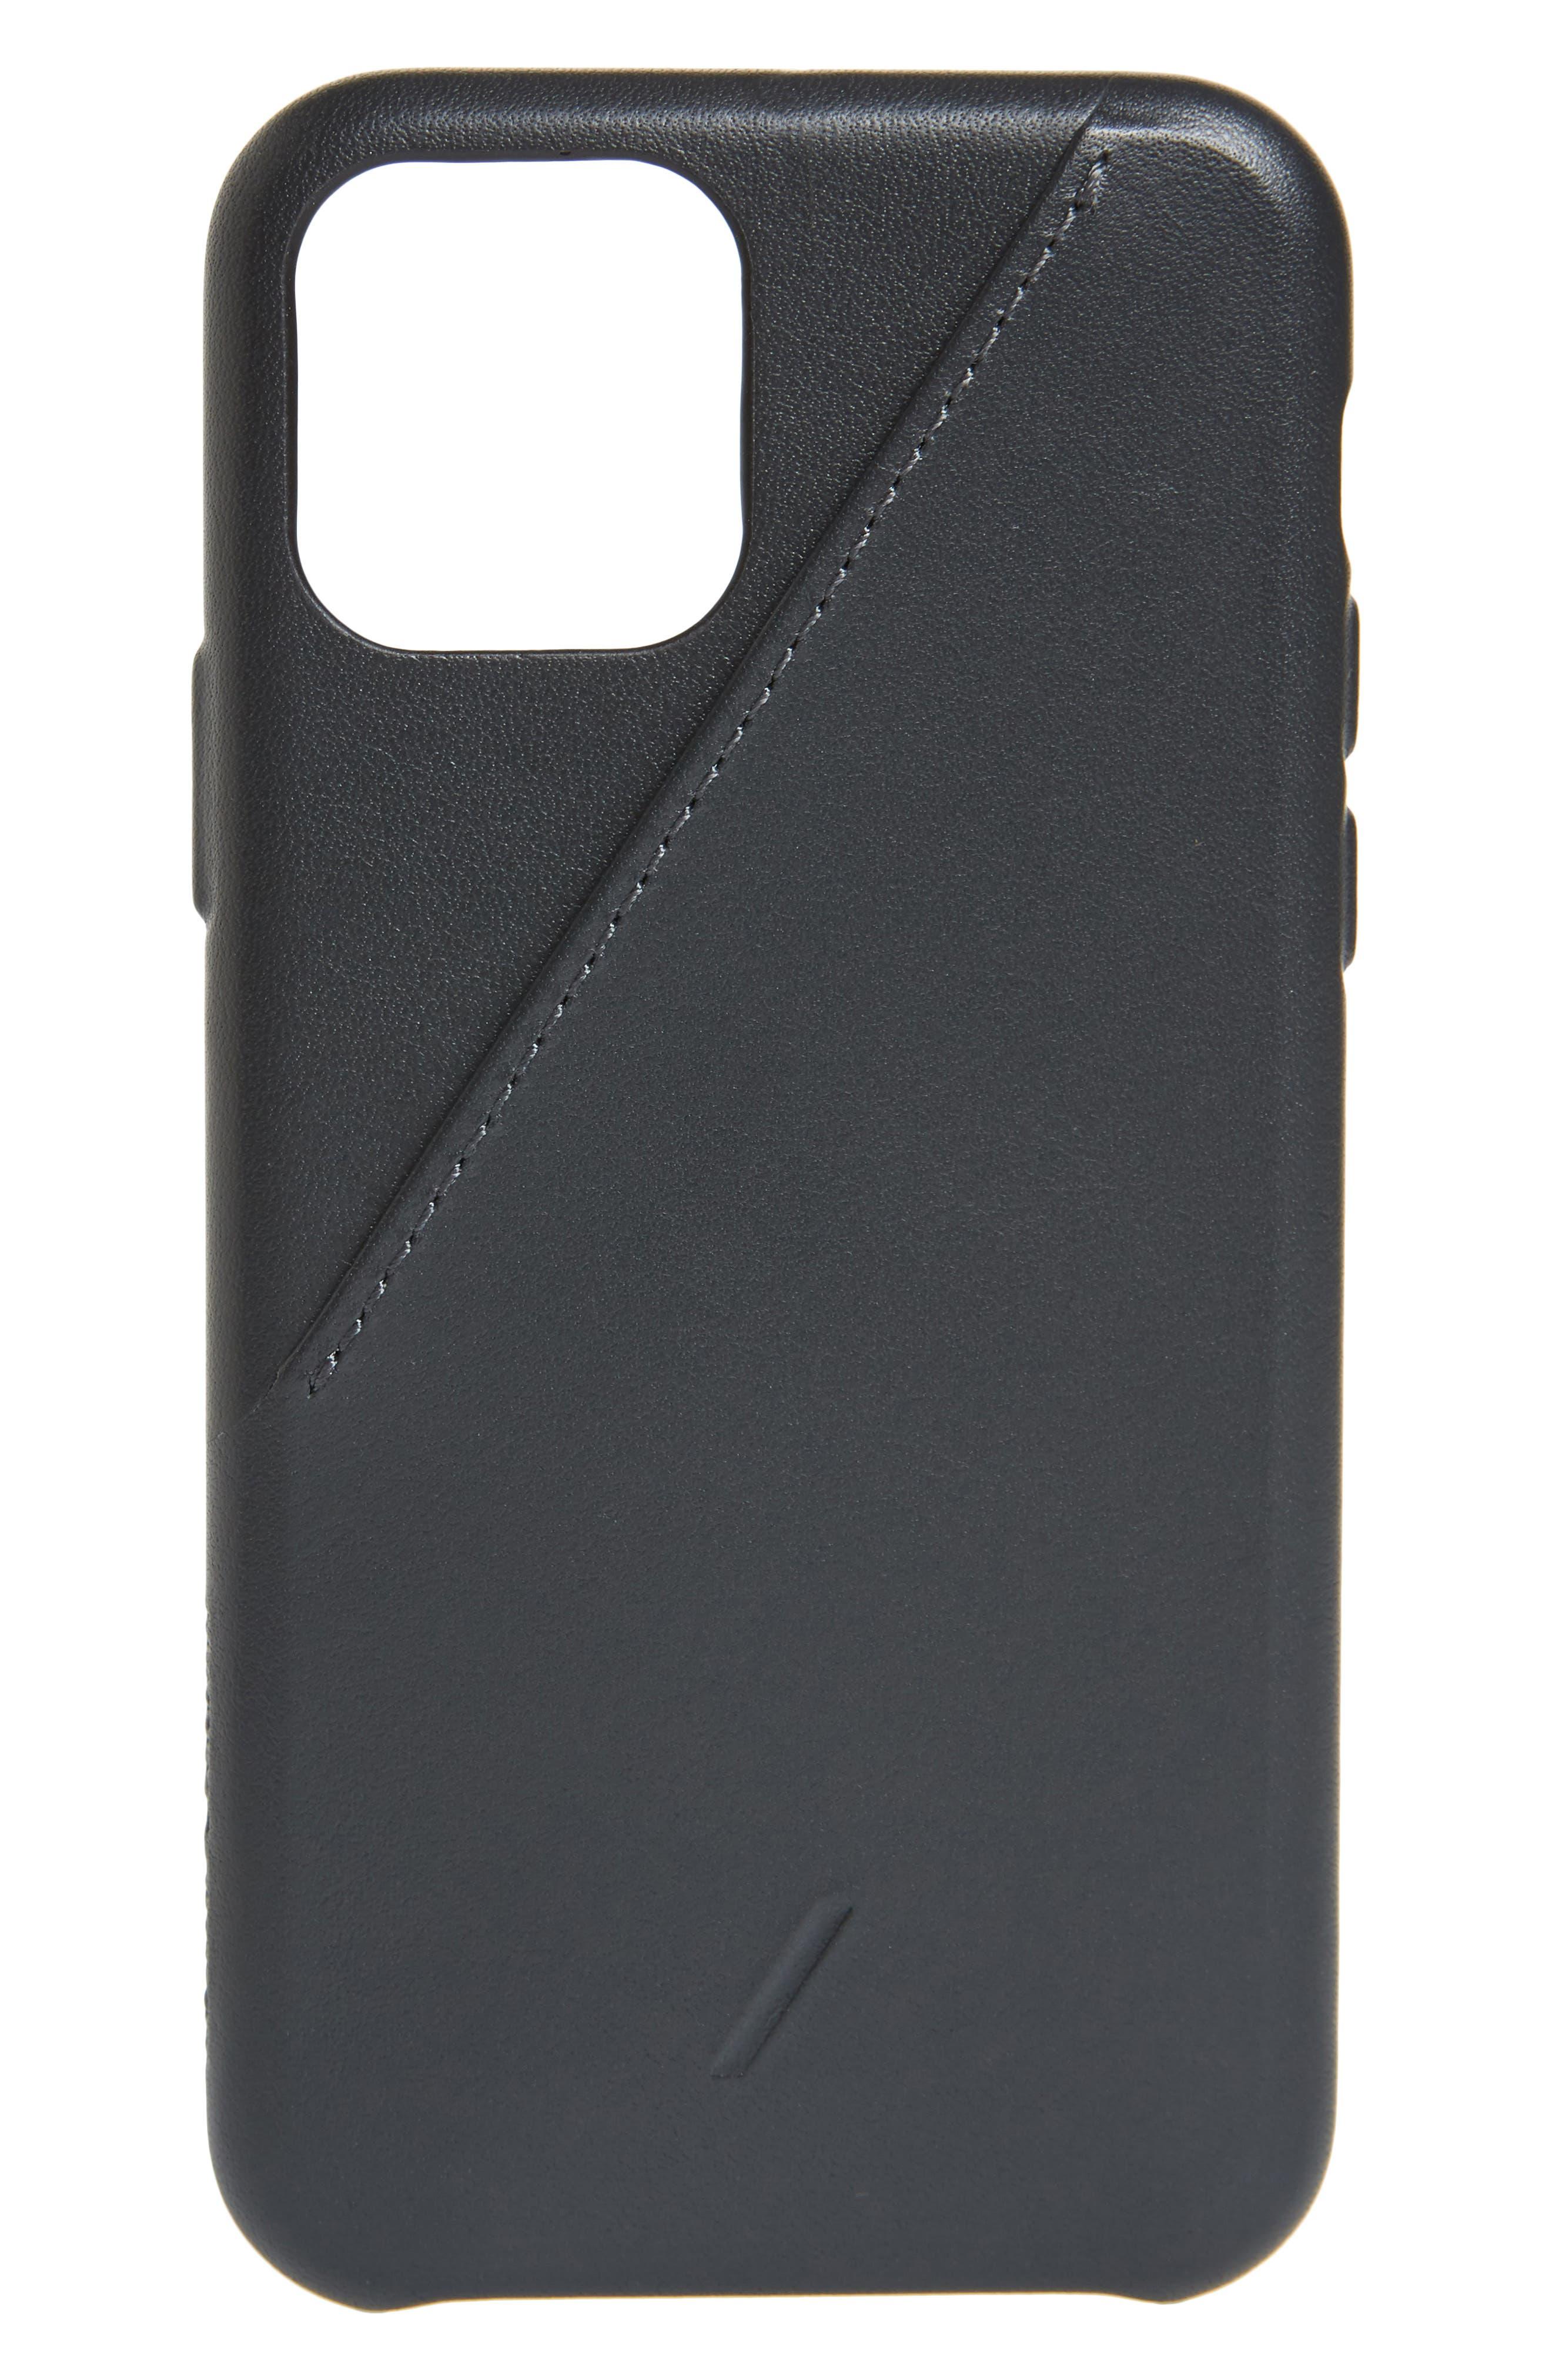 Native Union Clic Card Iphone 11, 11 Pro & 11 Pro Max Case - Black